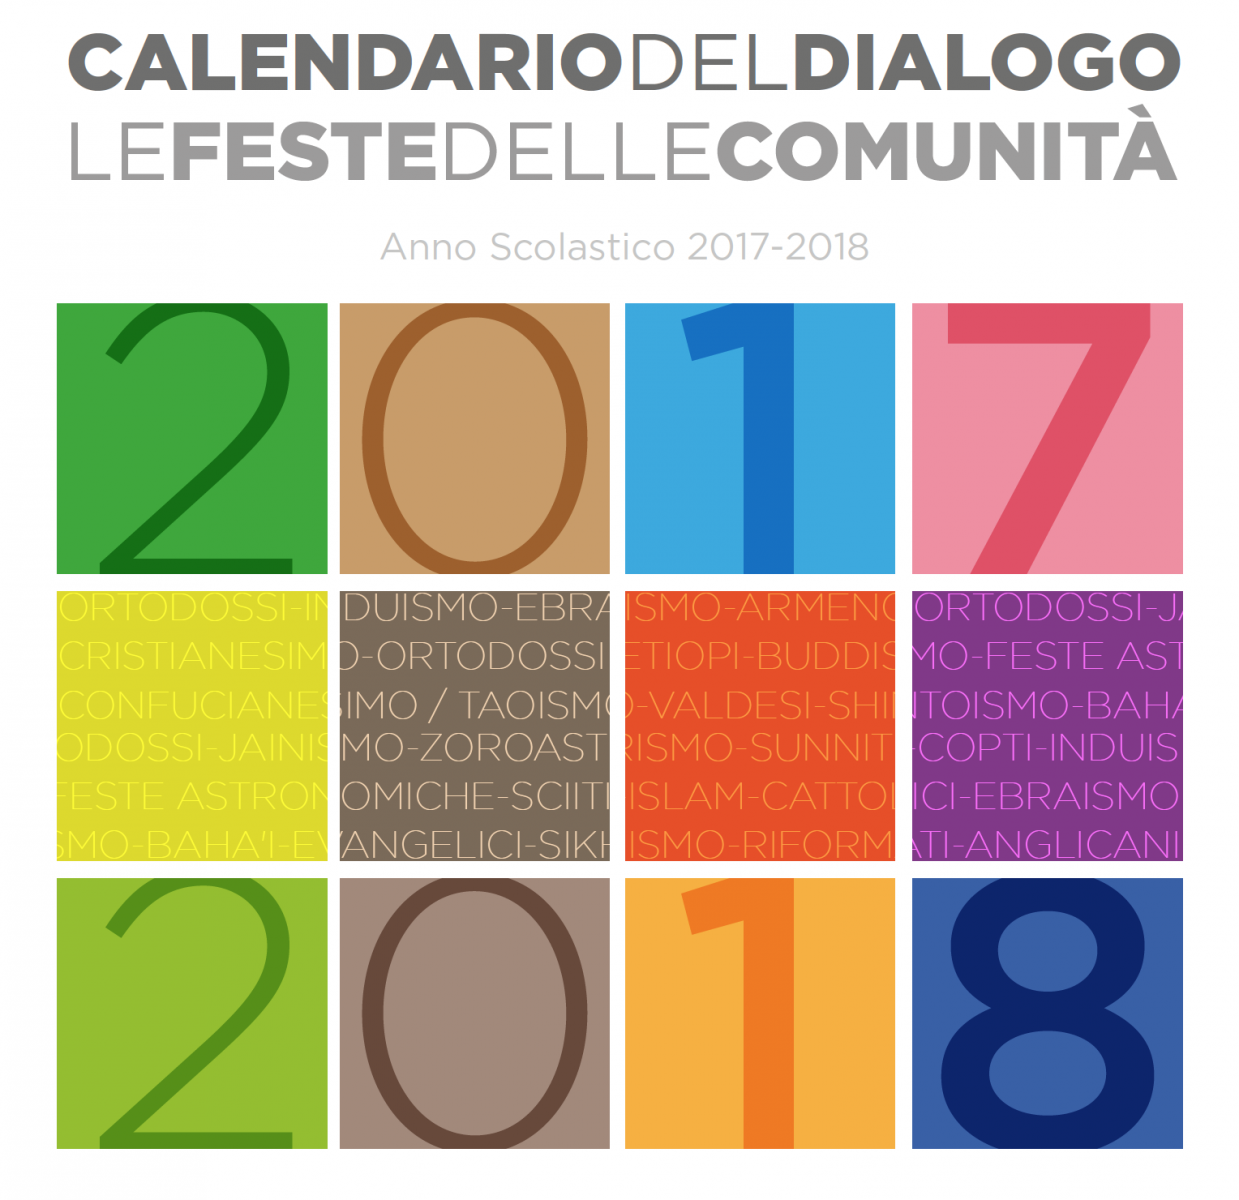 Calendario Islamico E Feste Islamiche.Scuola Primaria Preseglie Bs Calendario Del Dialogo Le